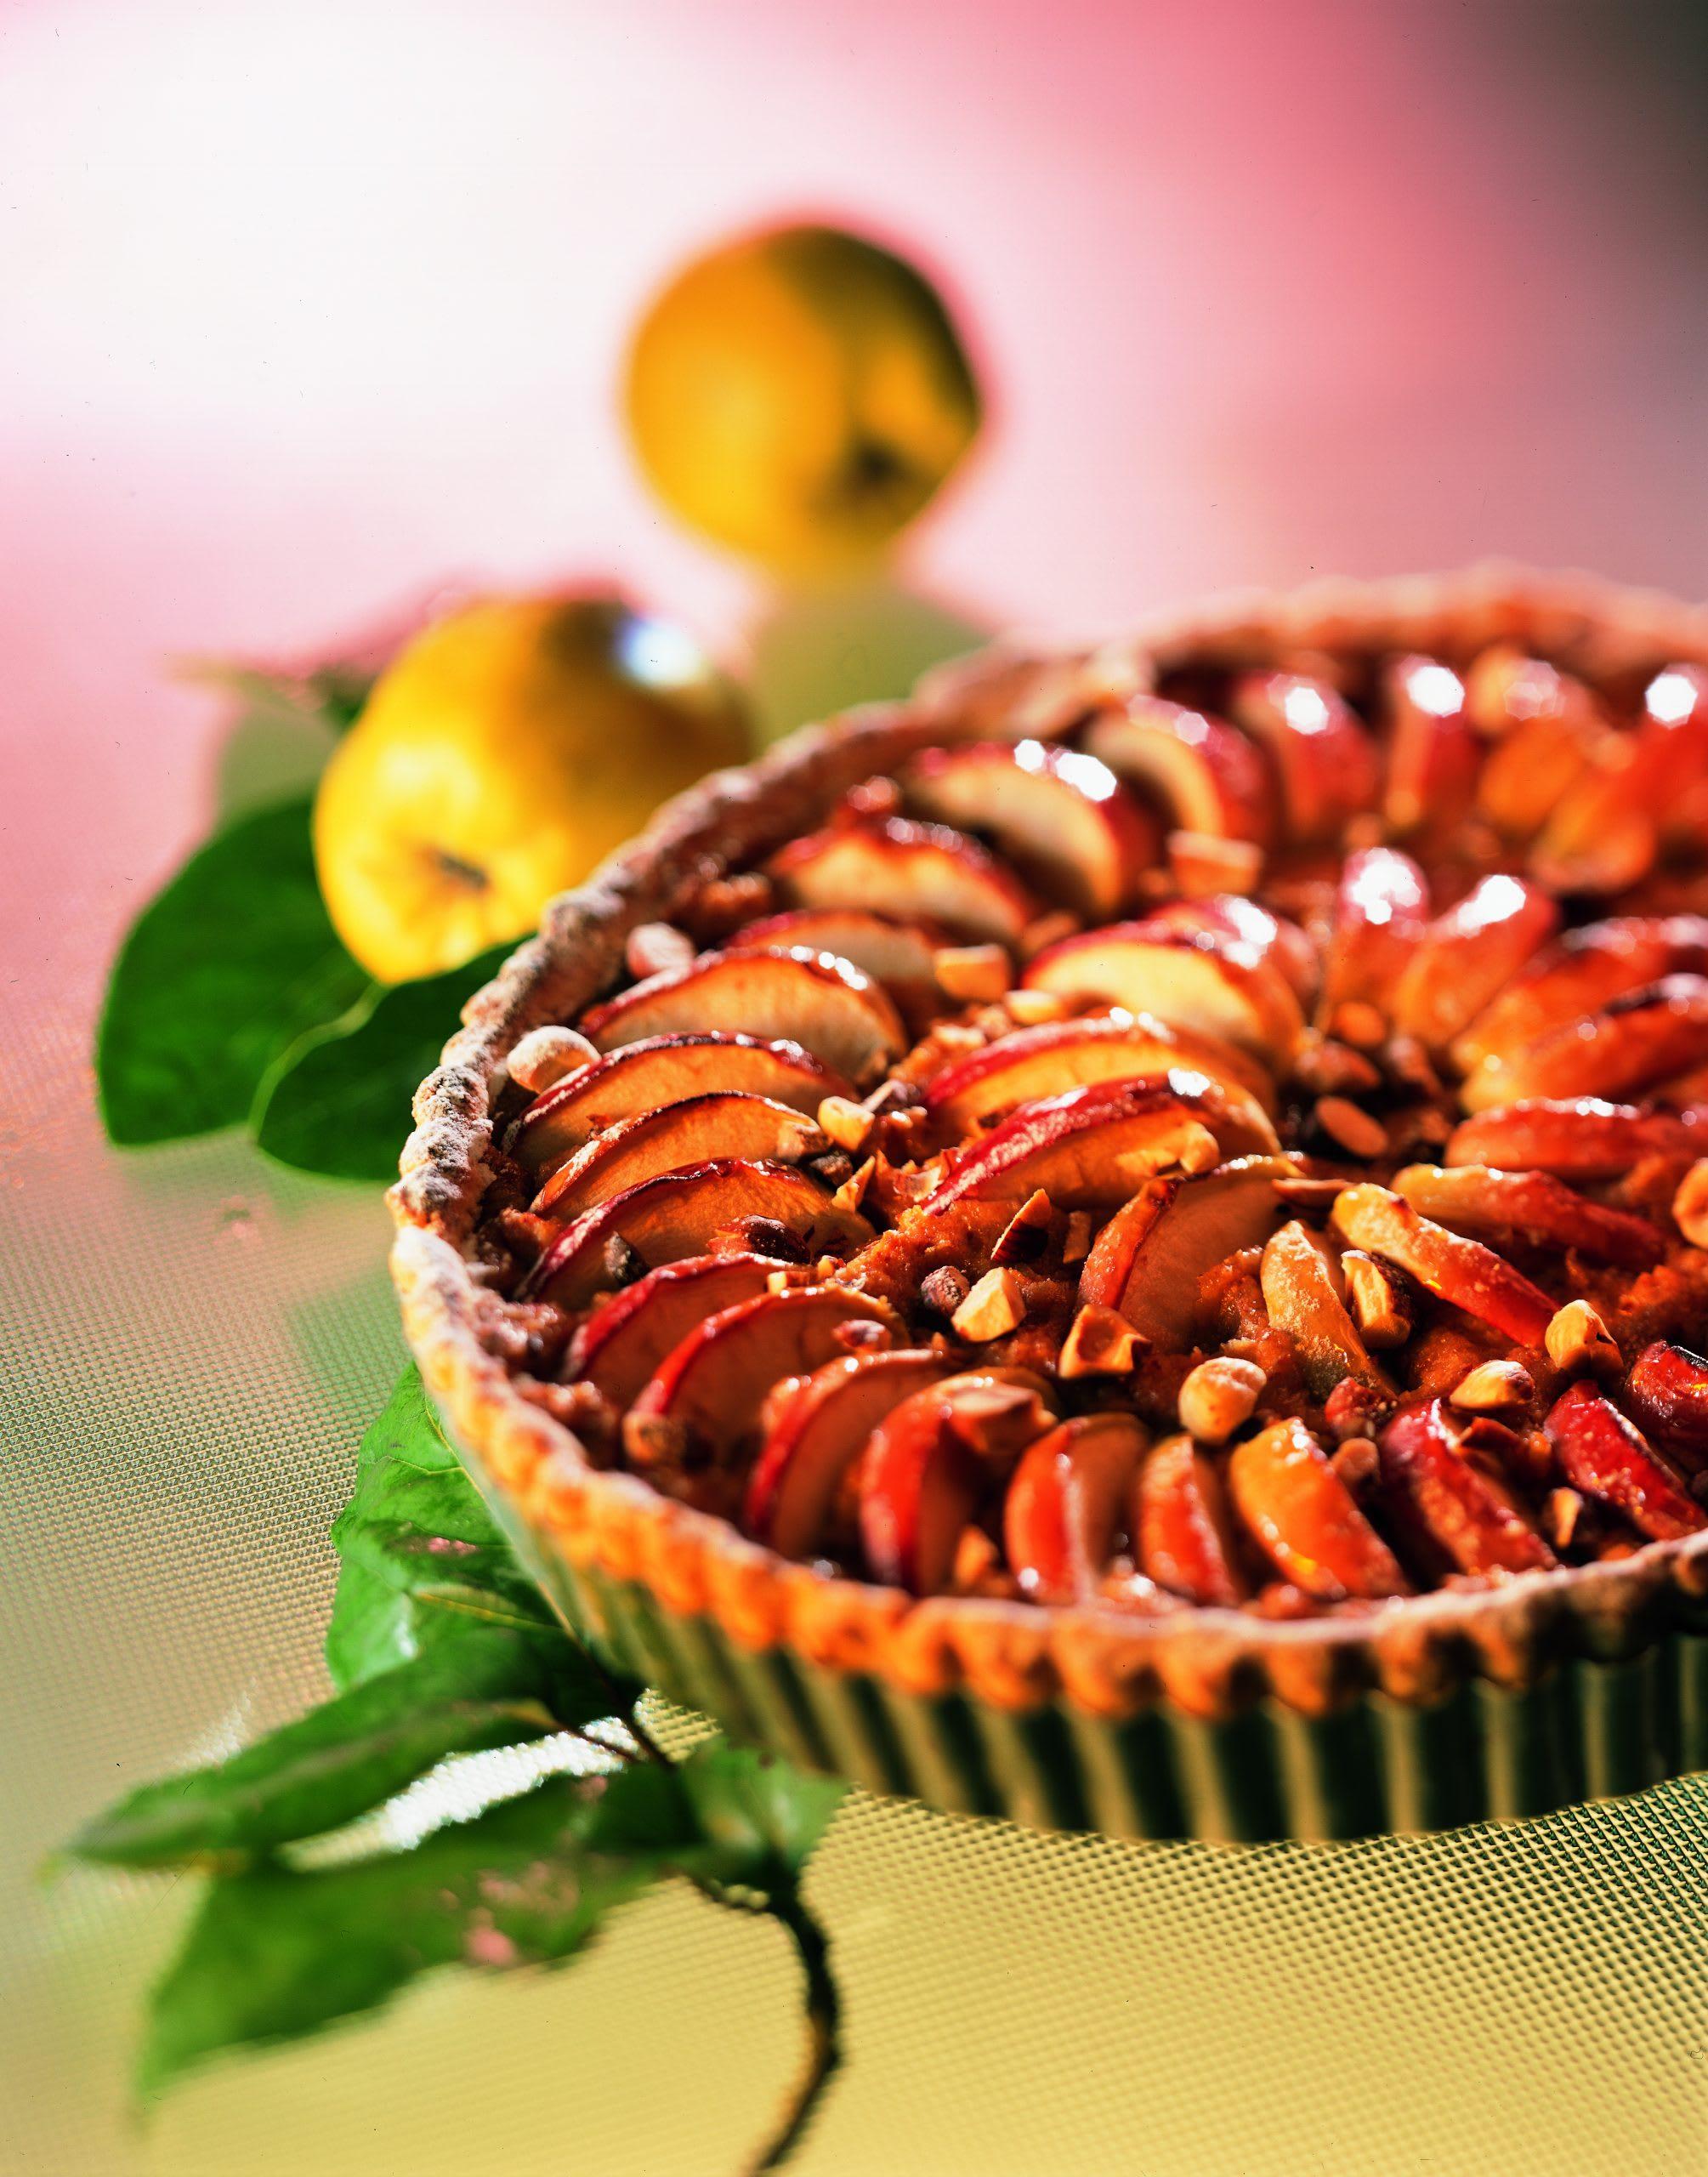 Quitten-Tarte mit Äpfeln und Haselnüssen